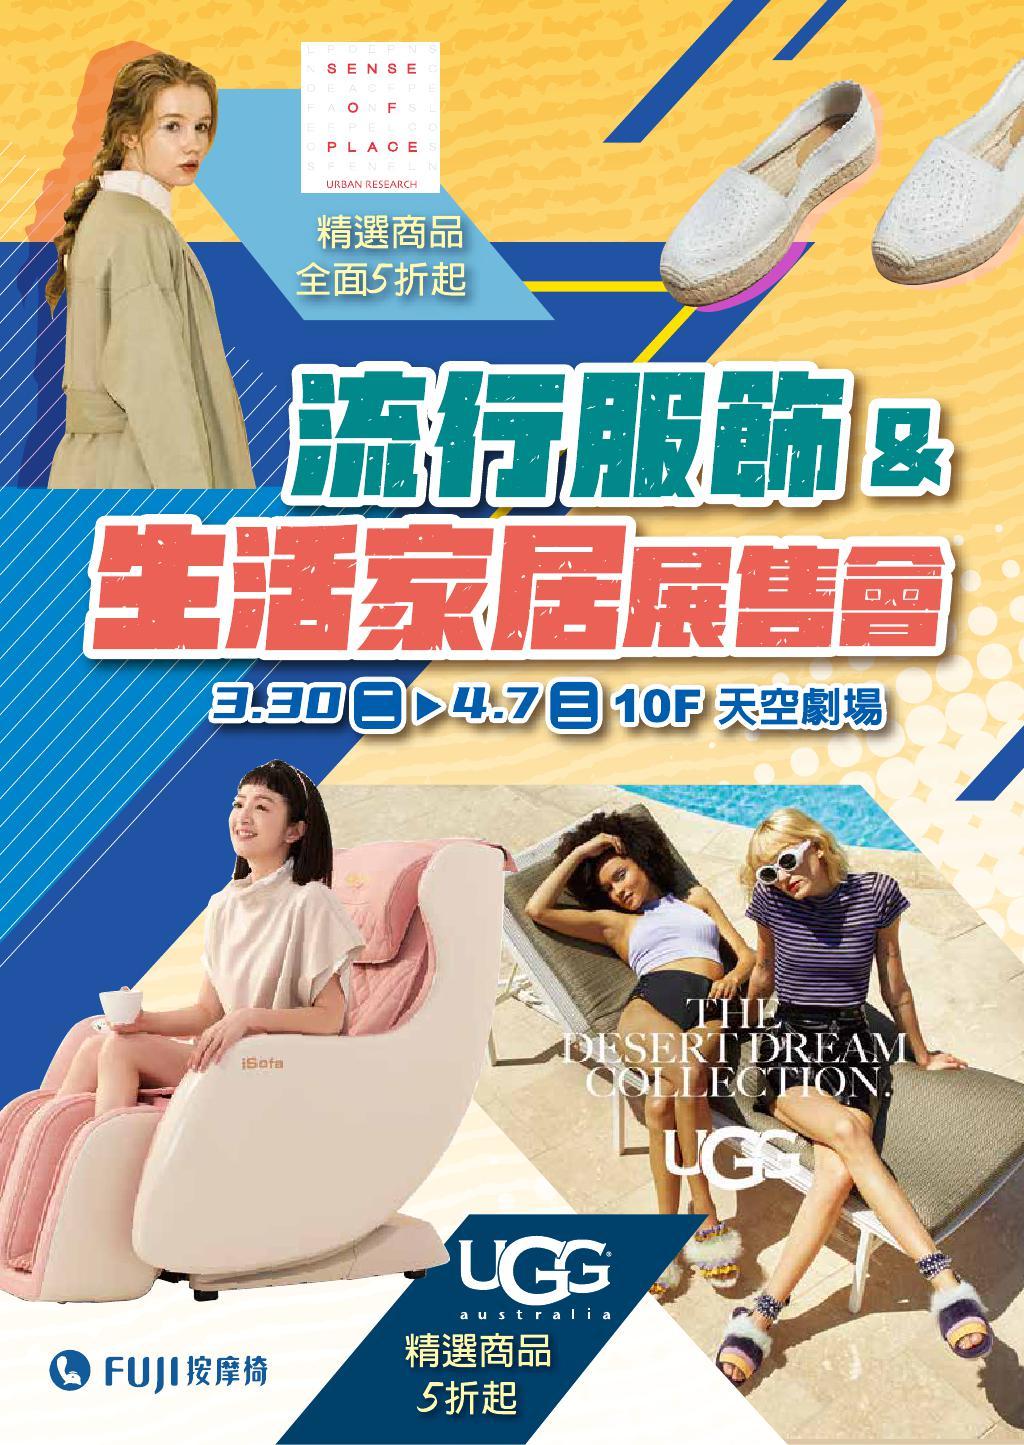 新光三越《台中中港店》DM 流行服飾生活家居展售【2021/4/7 止】